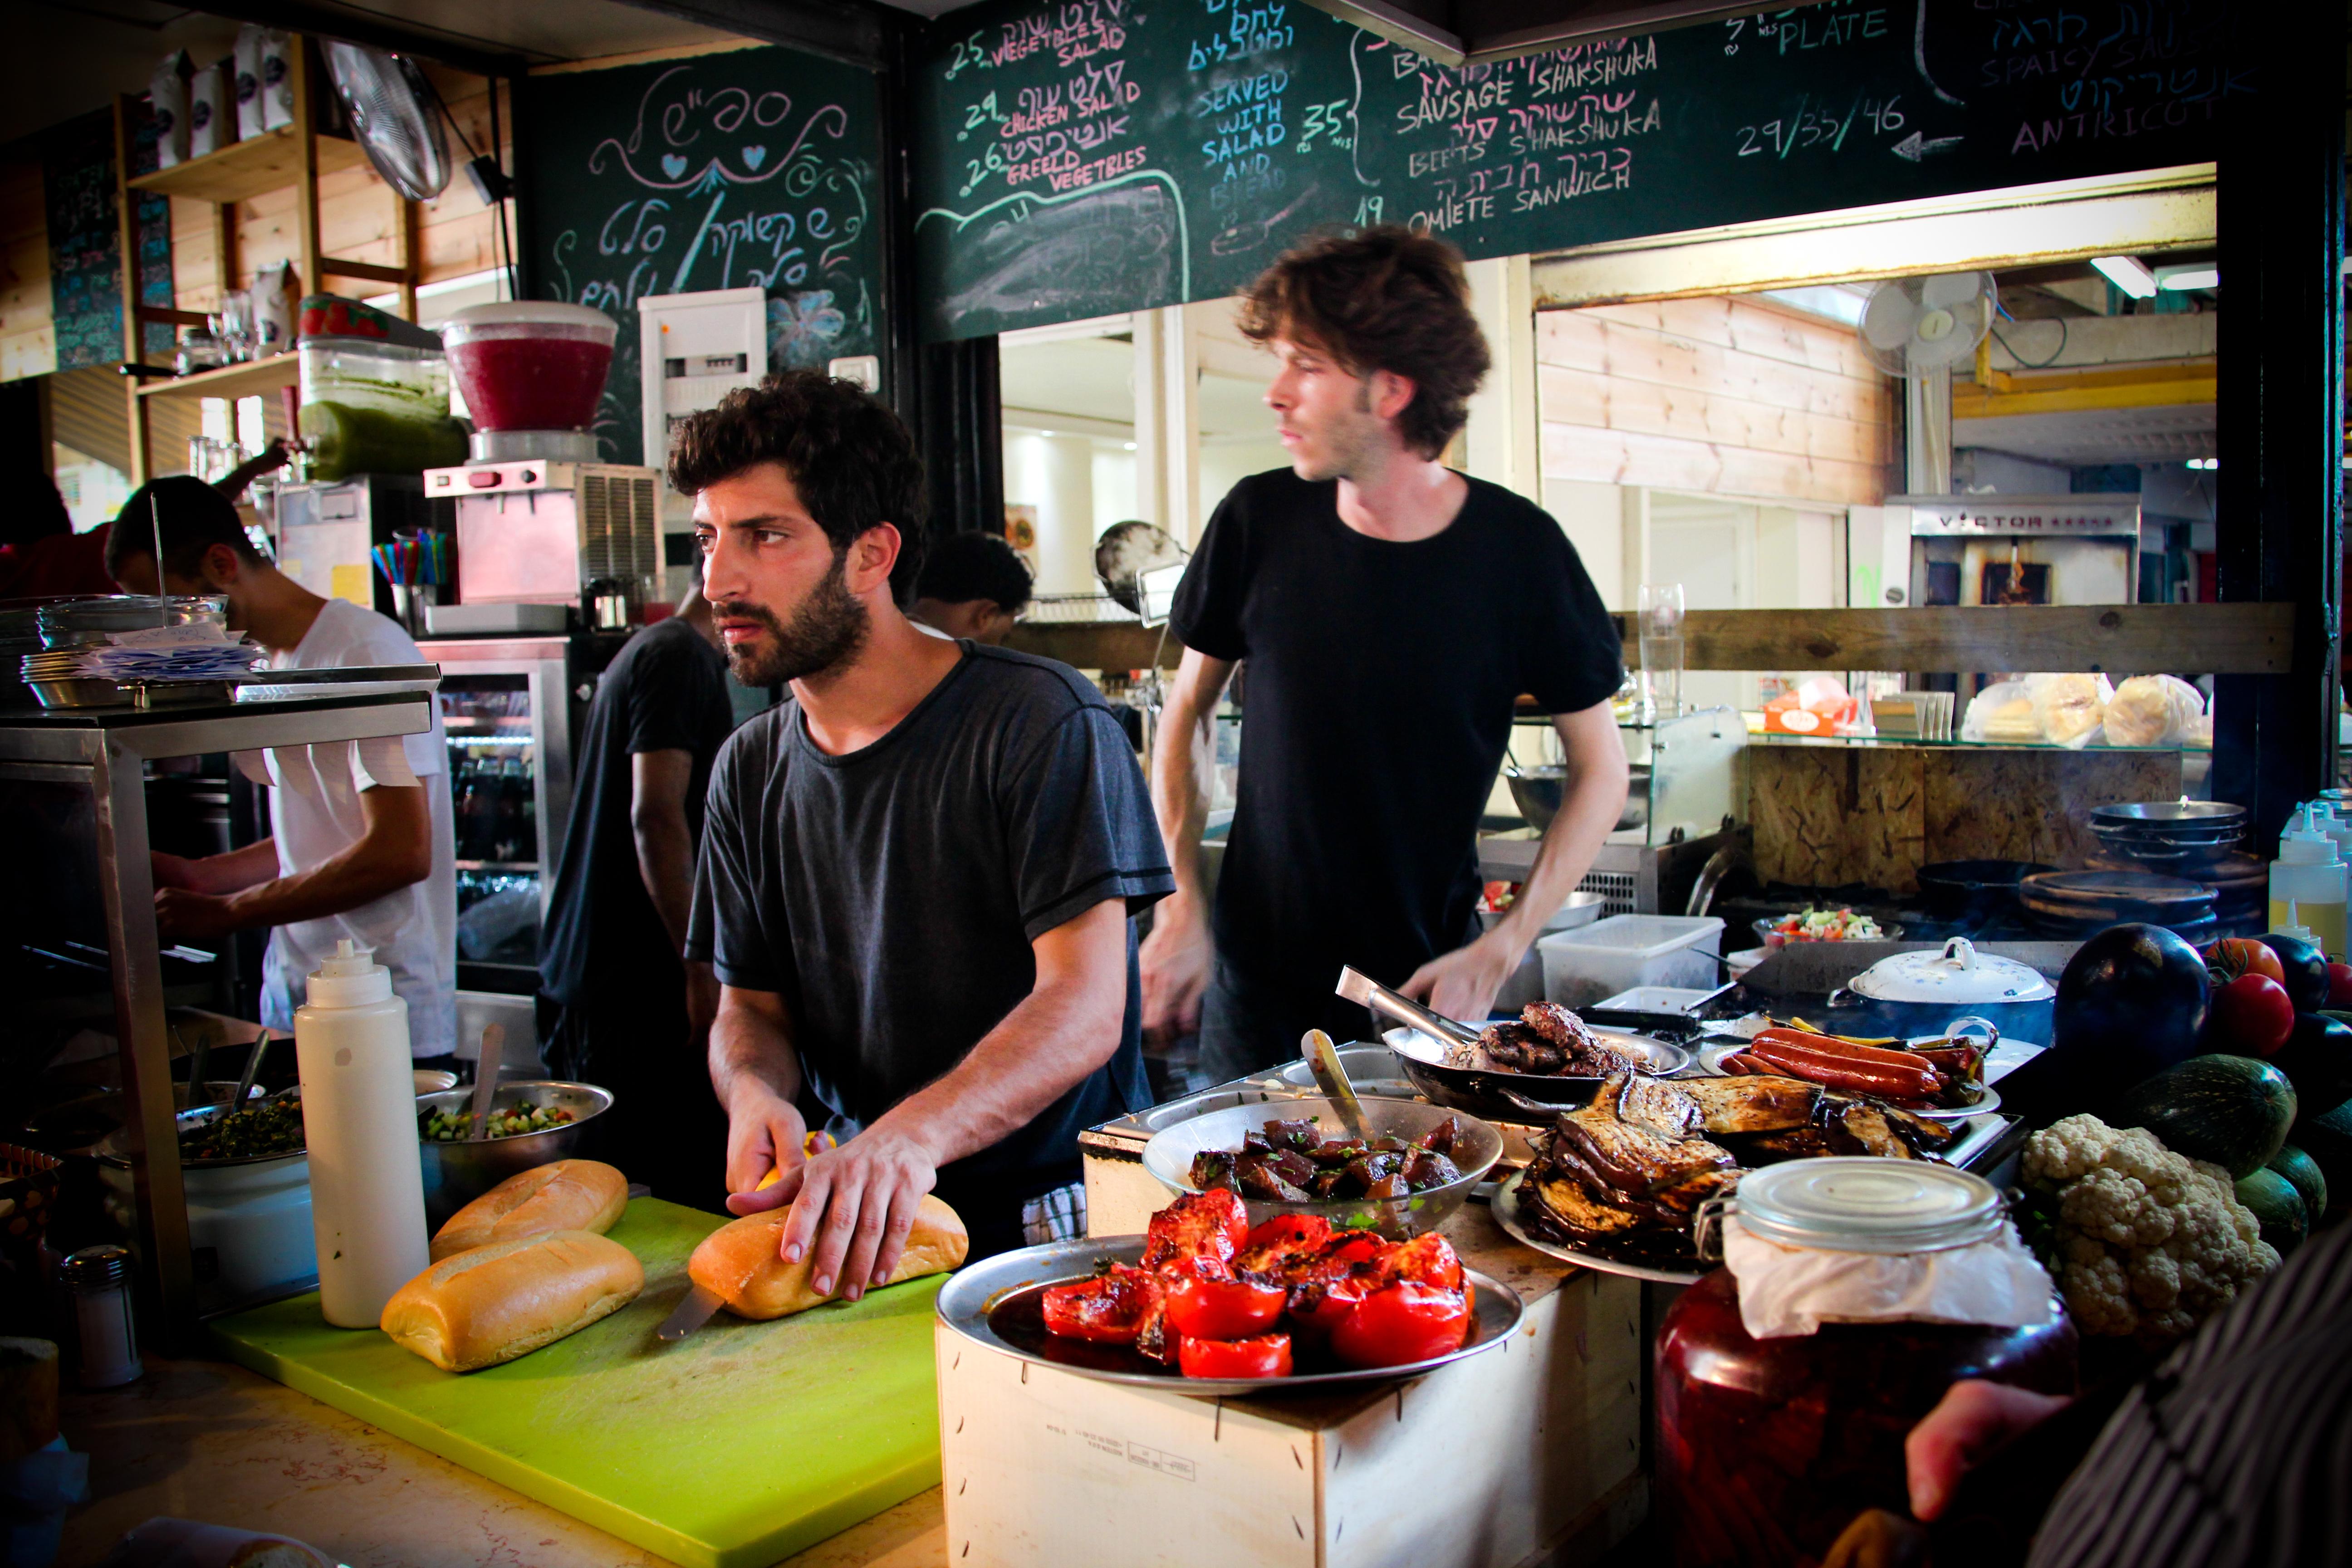 Уличная еда Тель-Авива: свежий хумус, горячие бурекас и шаварма